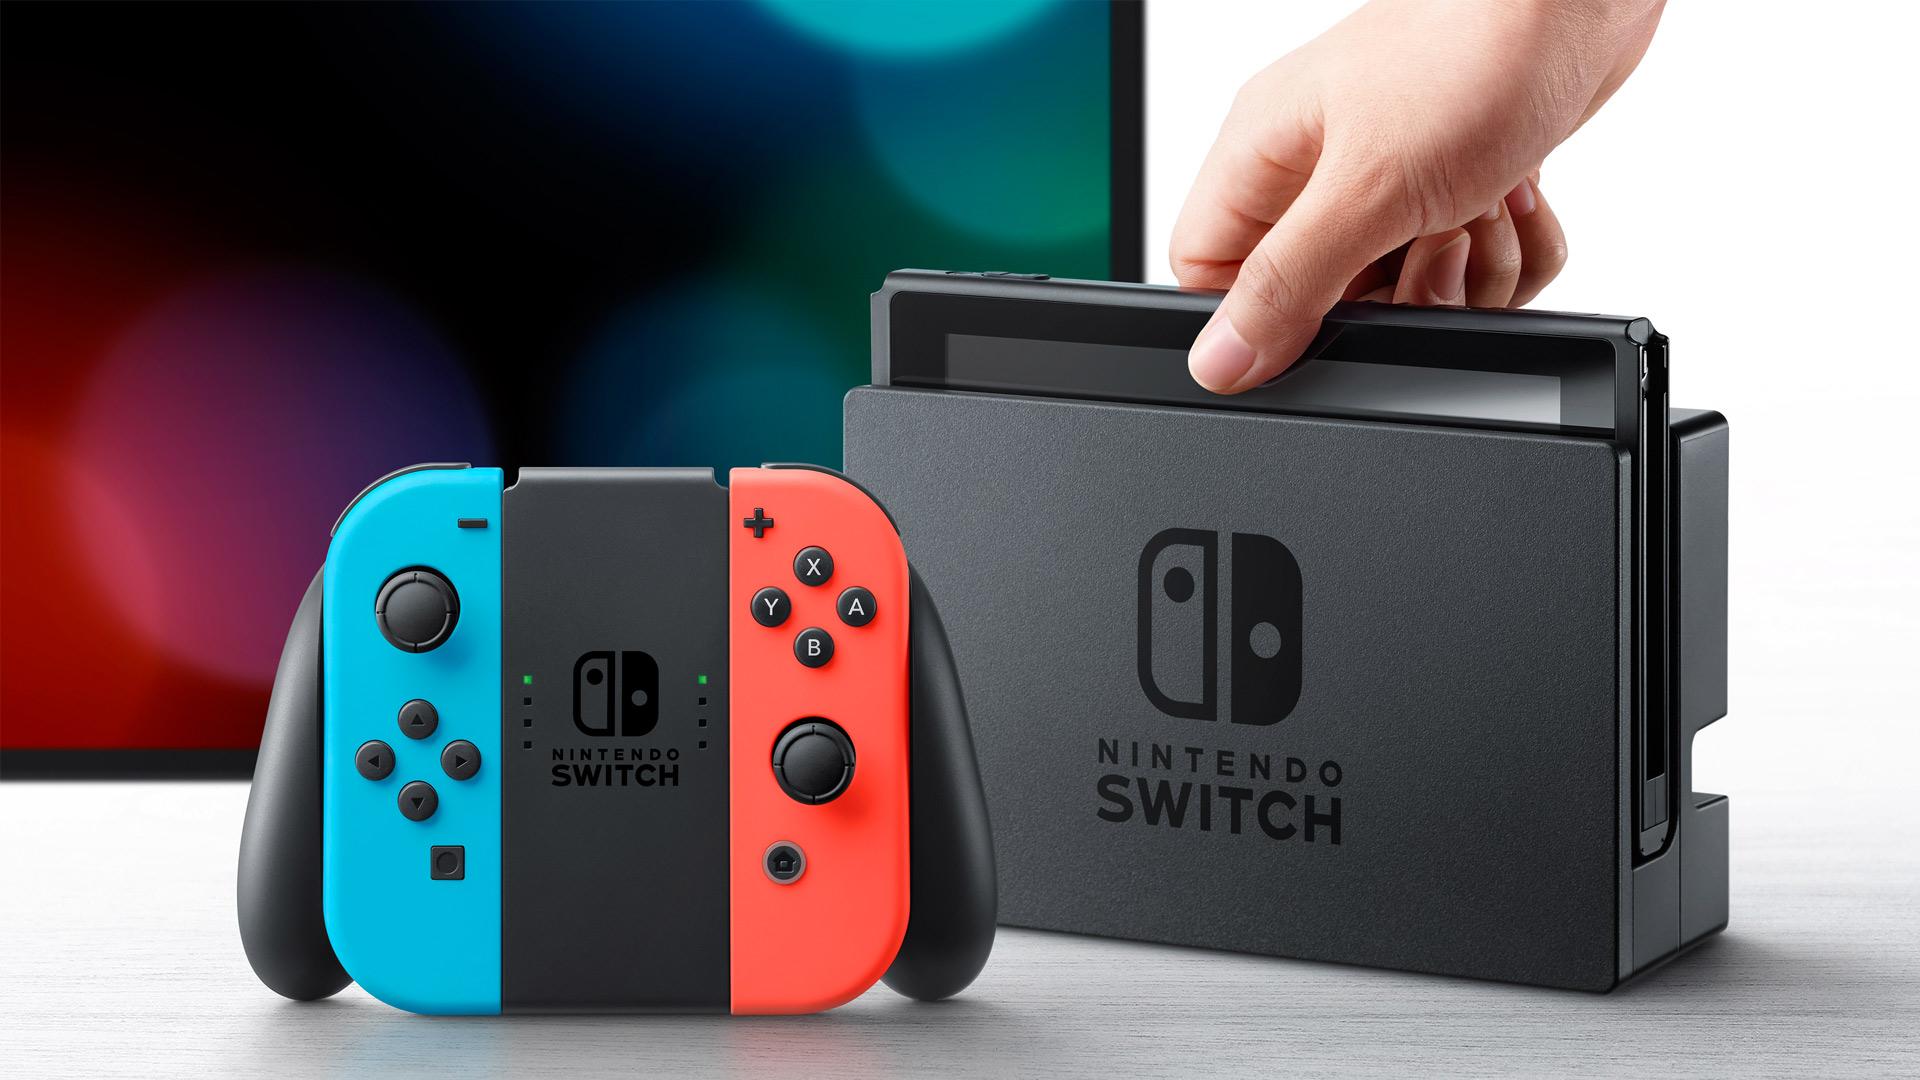 Nintendo Switch Fecha De Lanzamiento Y Proximos Juegos Hablamos De